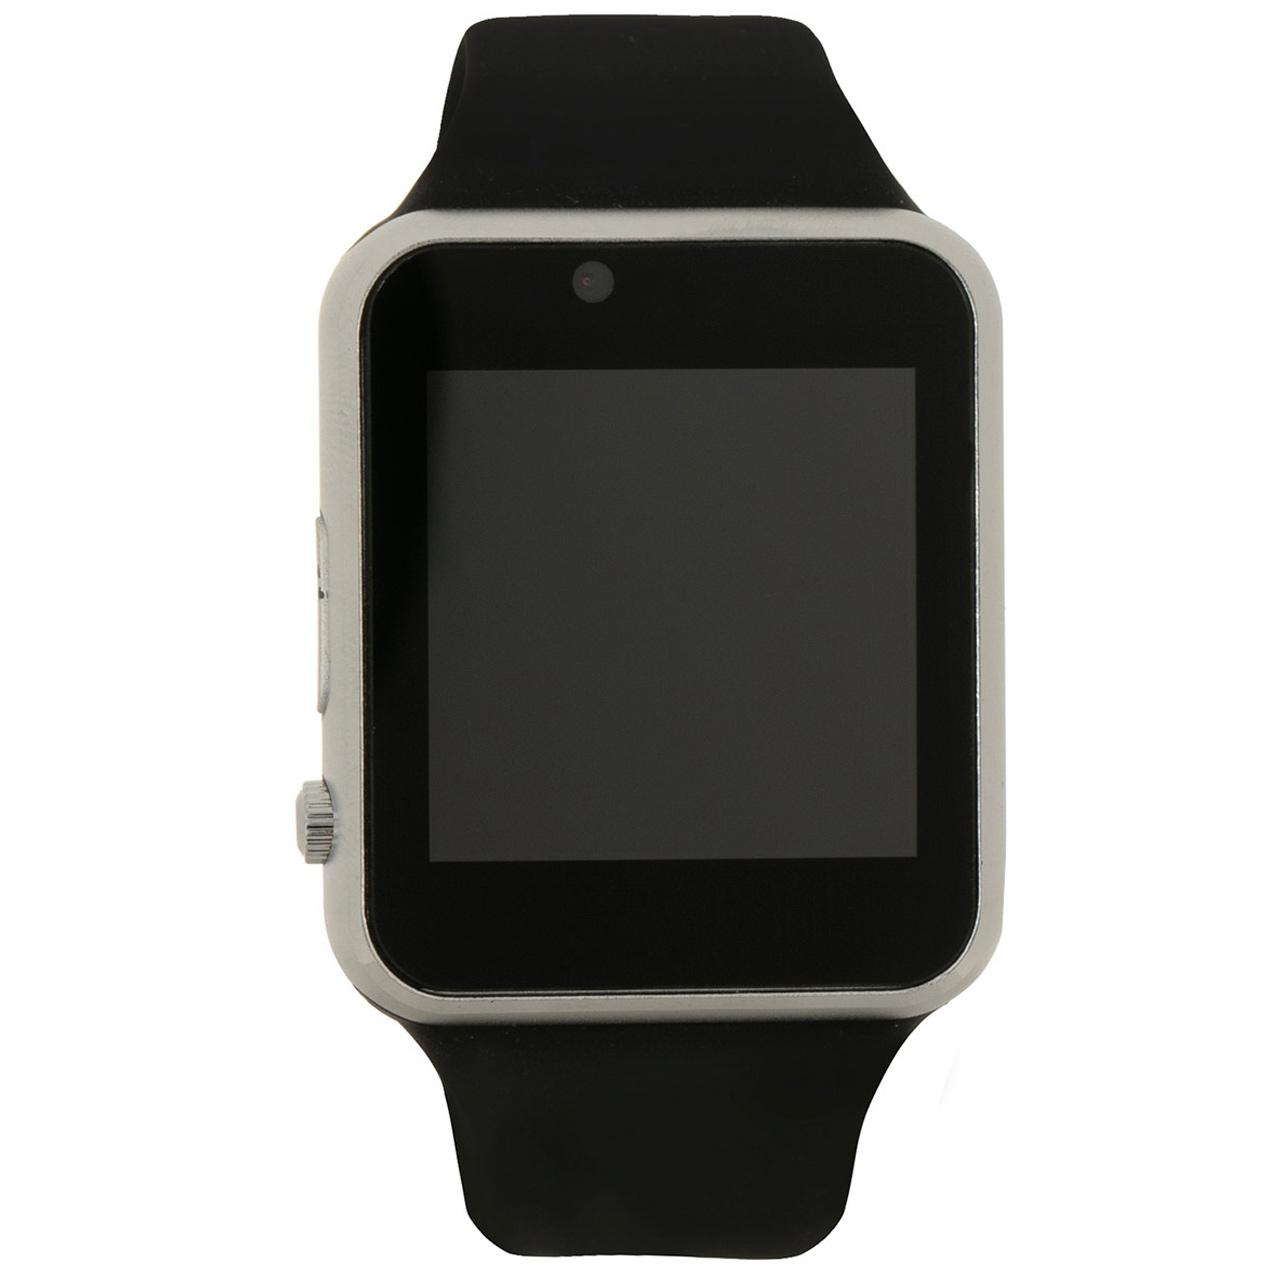 ساعت هوشمند بی اس ان ال مدل A11  به همراه کارت حافظه 16 گیگابایتی